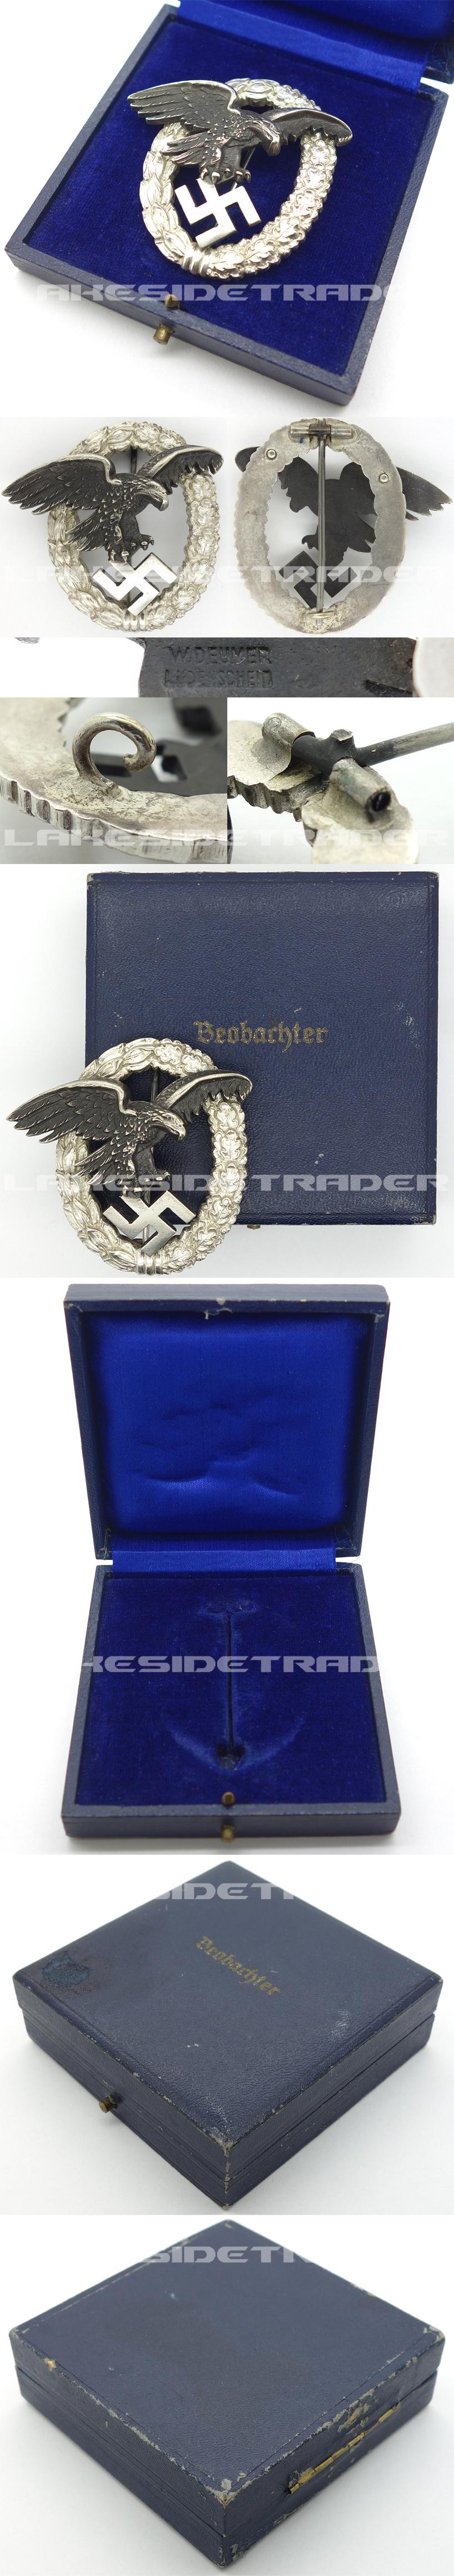 Cased Luftwaffe Observer Badge by W. Deumer